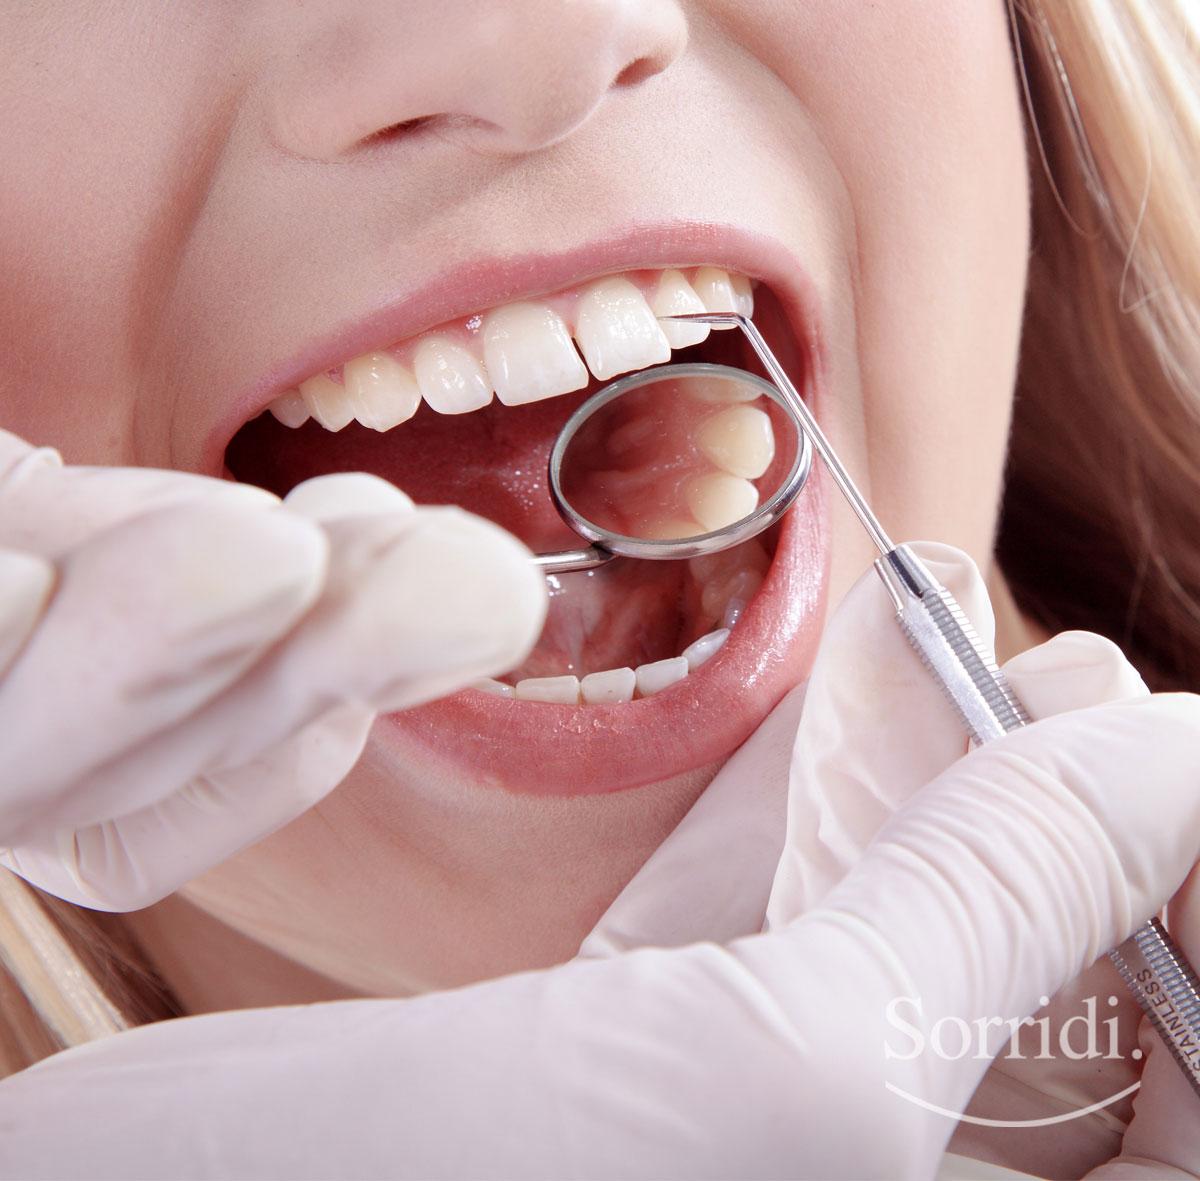 Sorridi-ch-magazine-fluoro-e-salute-dentale